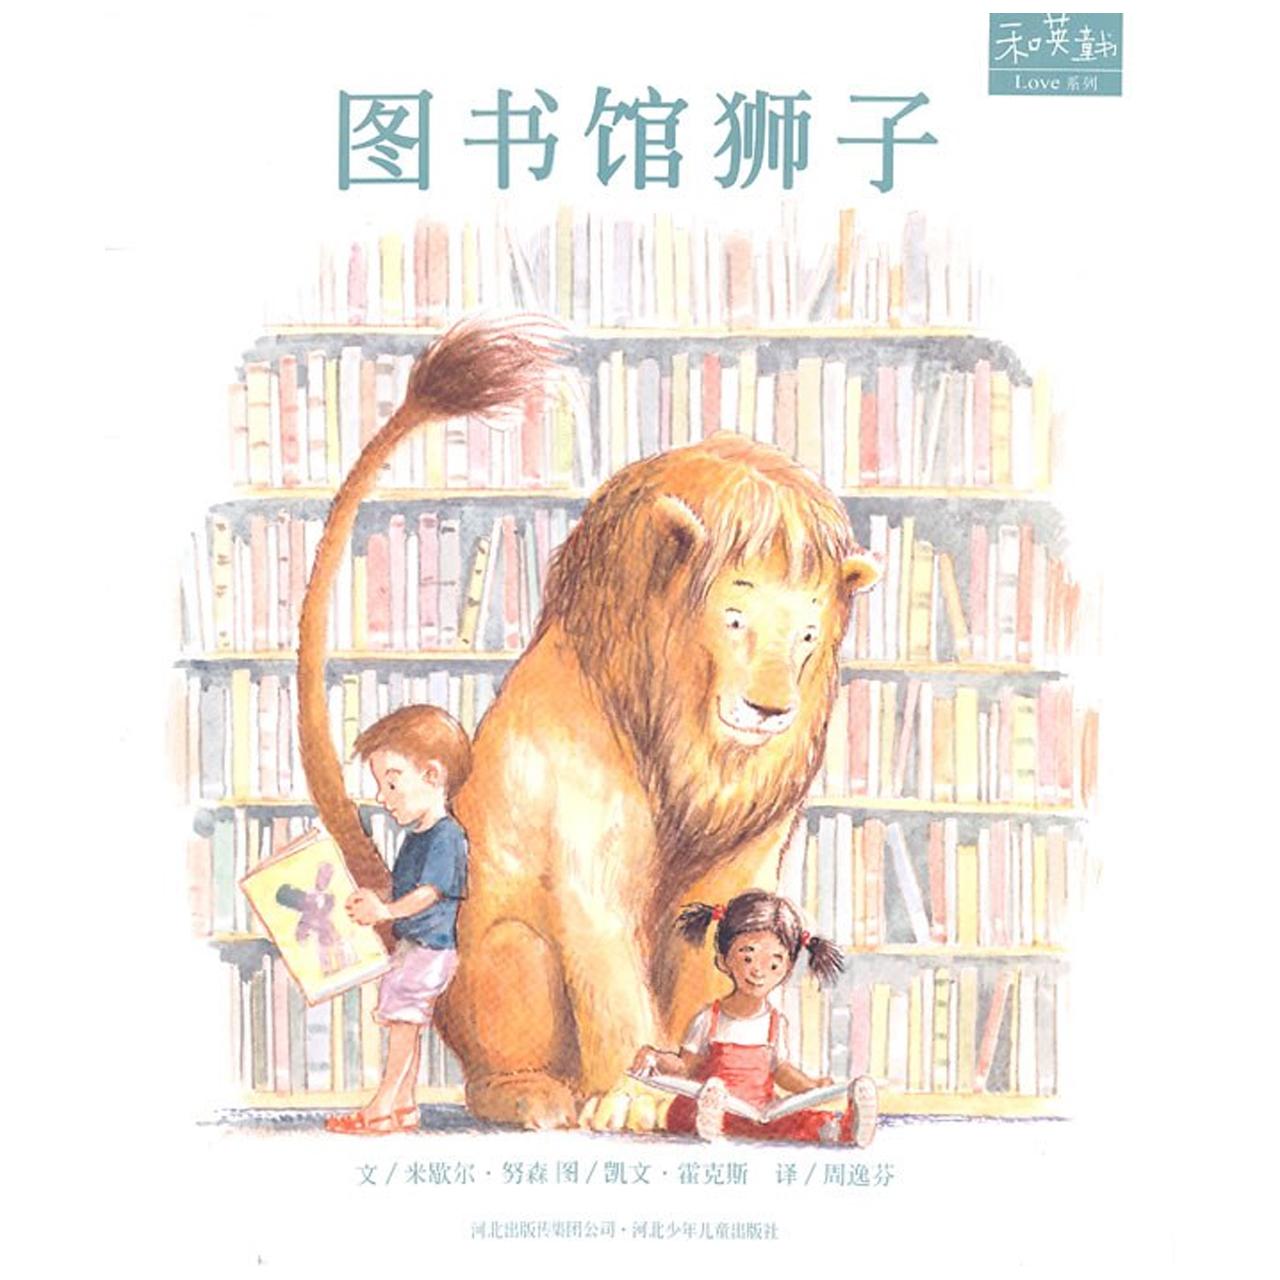 图书馆狮子【儿童绘本/翻译绘本/有趣故事】